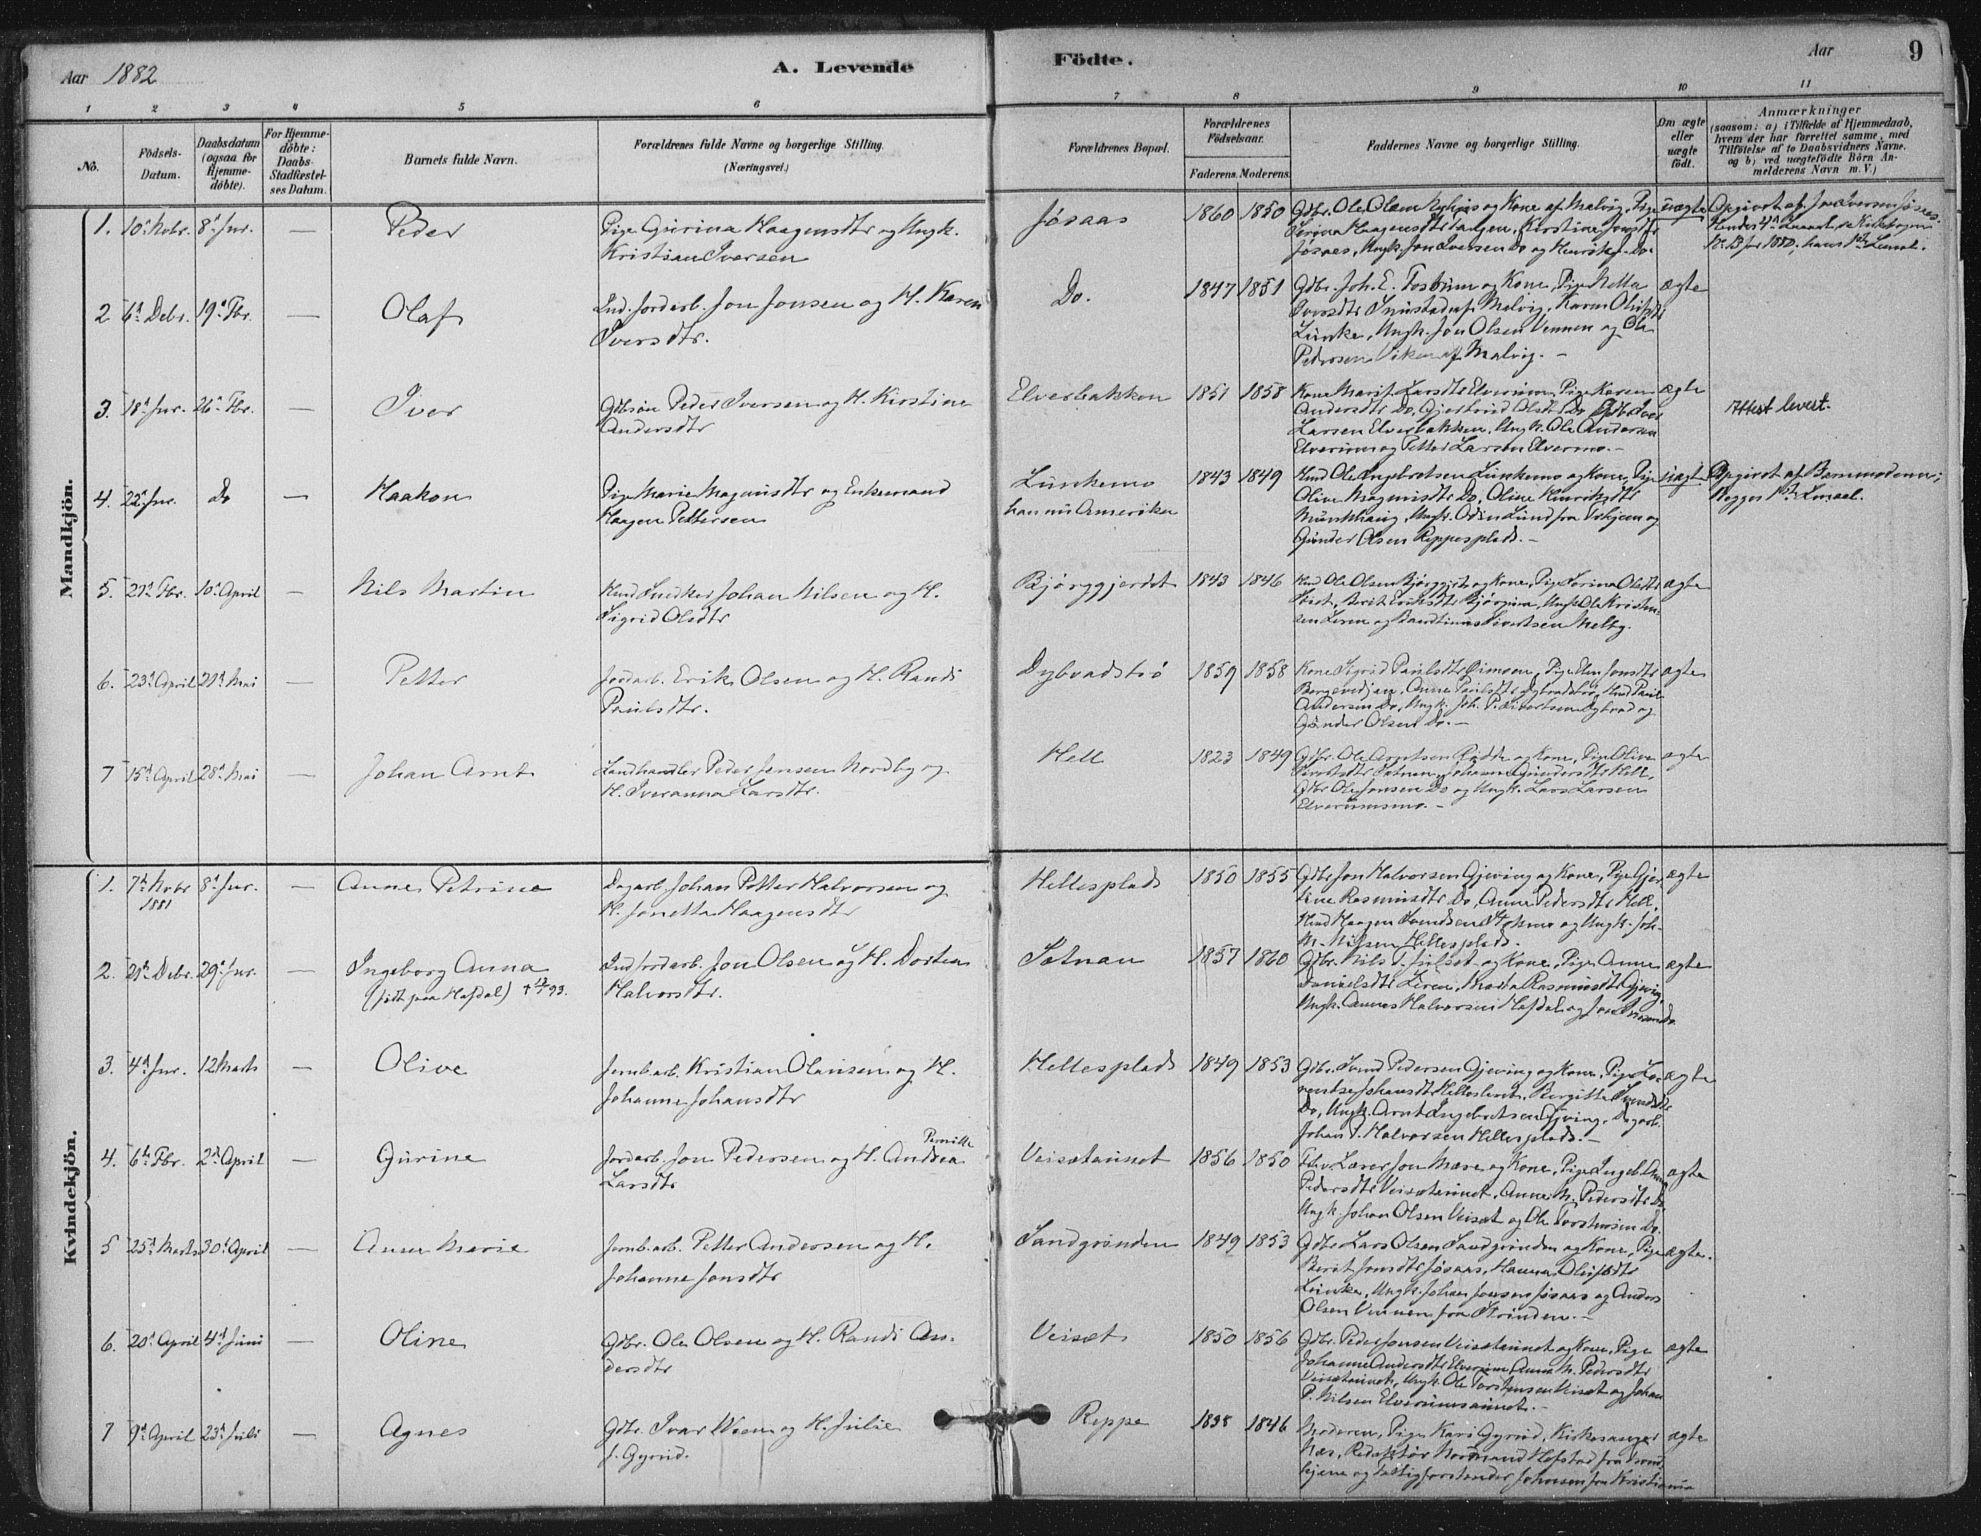 SAT, Ministerialprotokoller, klokkerbøker og fødselsregistre - Nord-Trøndelag, 710/L0095: Ministerialbok nr. 710A01, 1880-1914, s. 9